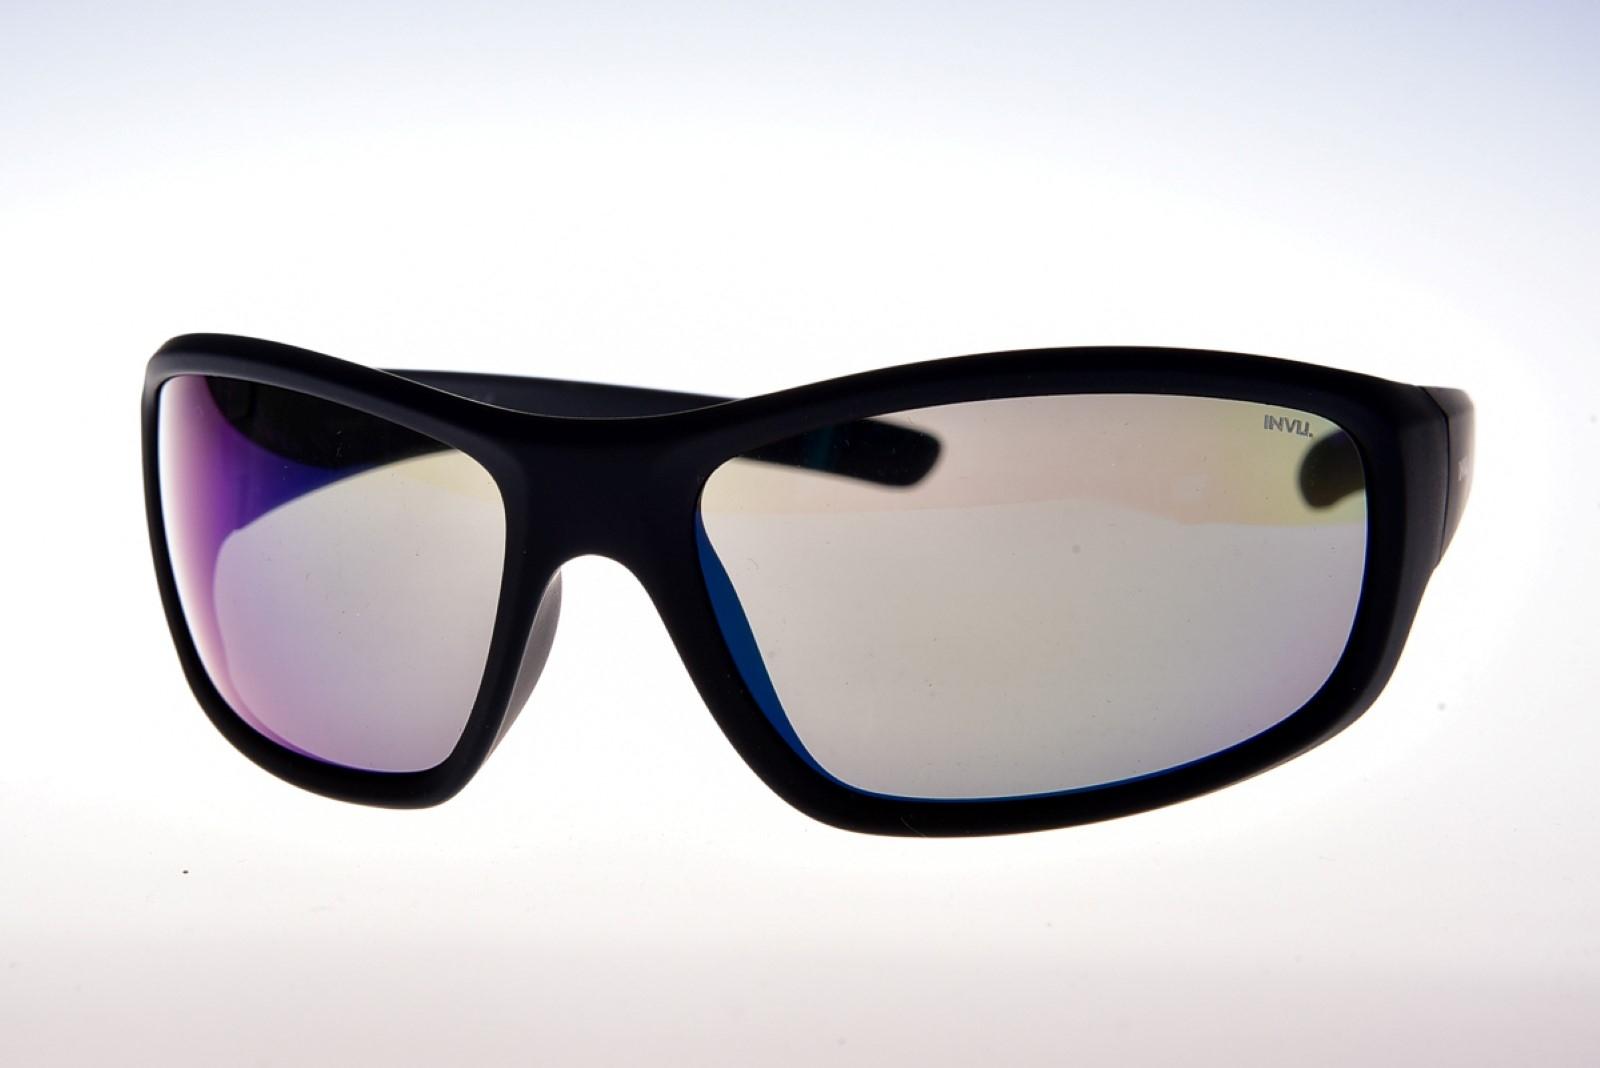 INVU. Active A2501E - Pánske slnečné okuliare